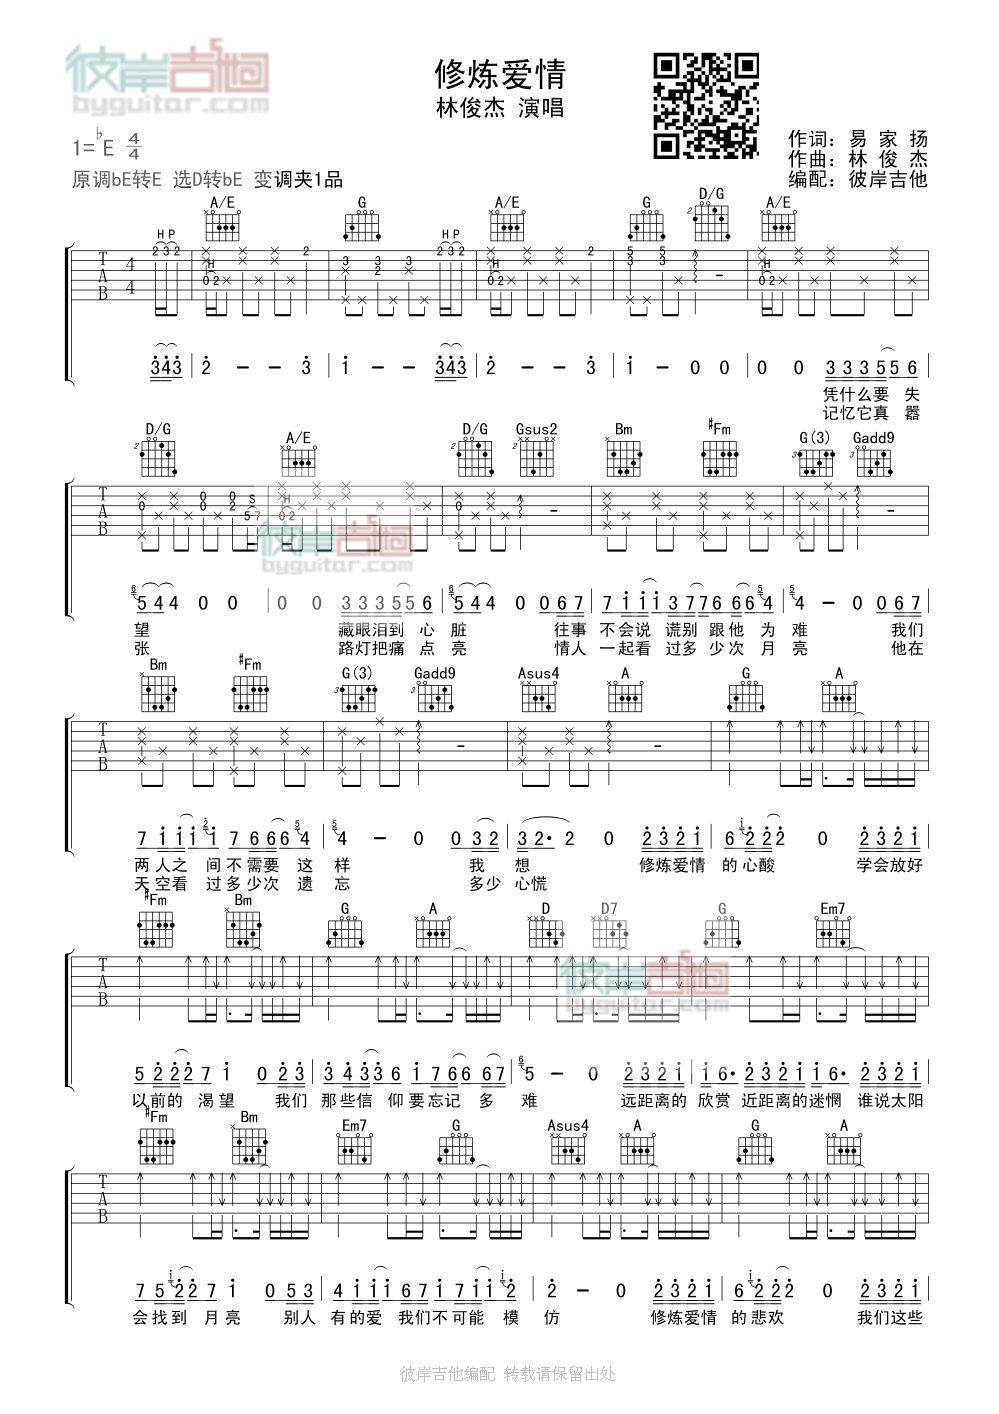 修炼爱情的吉他谱 林俊杰 彼岸吉他中国第一吉他网络杂志 BYGUITAR